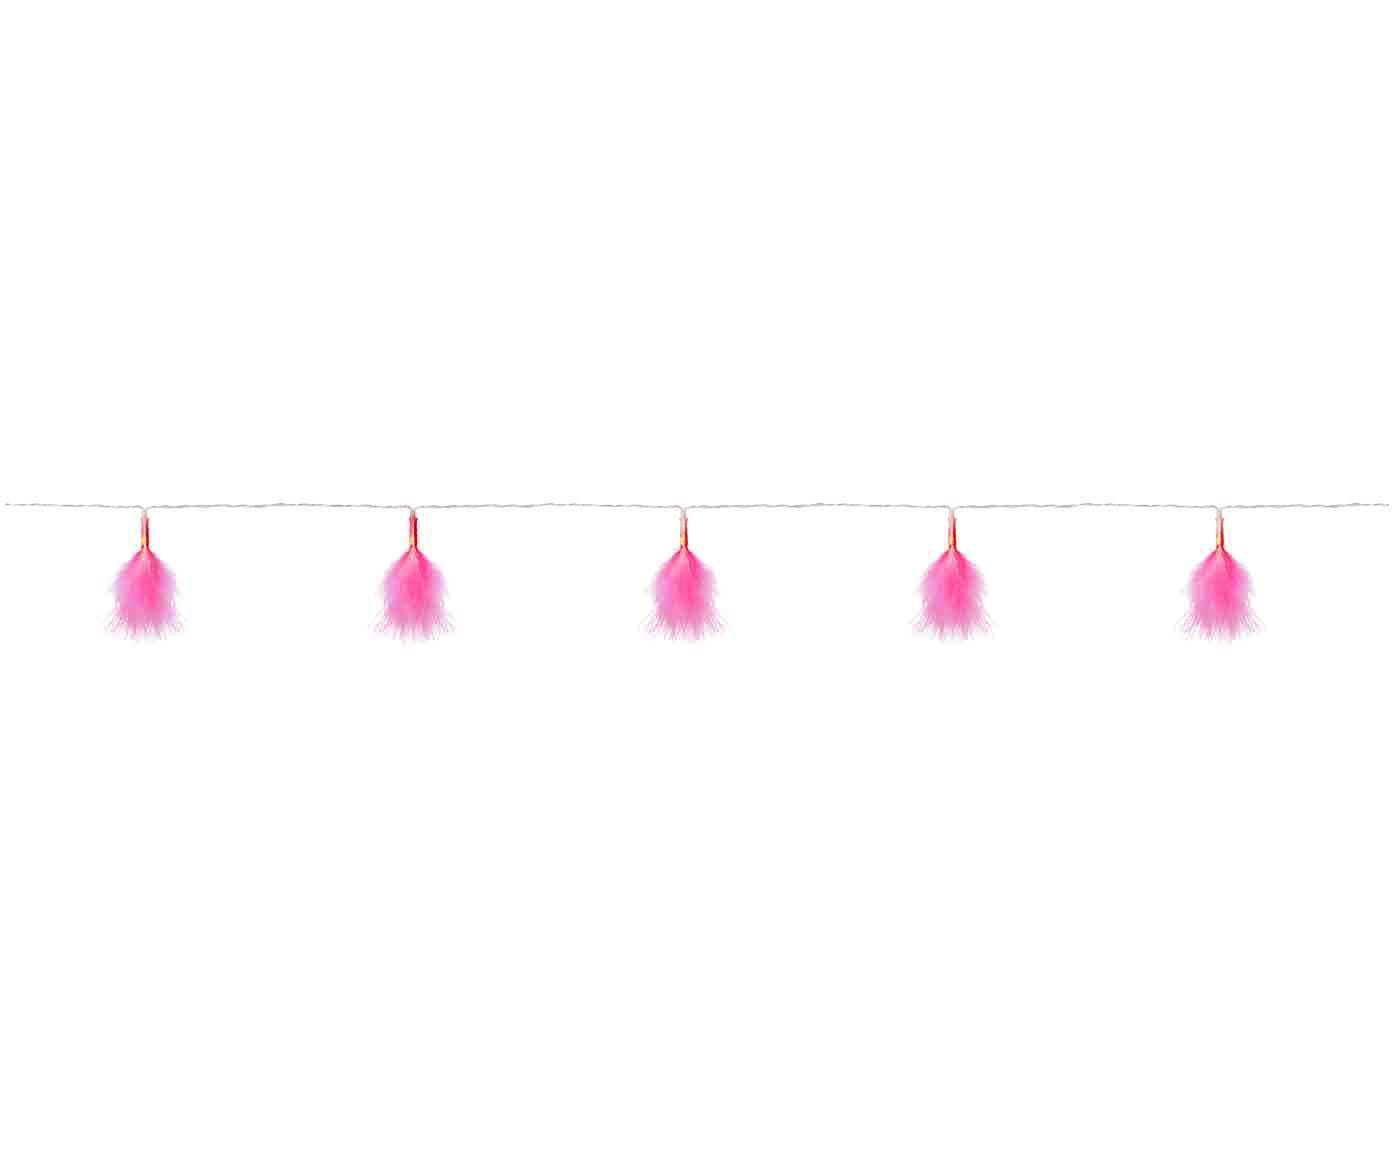 LED Lichterkette Dun, Kunststoff, Polyester, Rosa, Transparent, L 270 cm